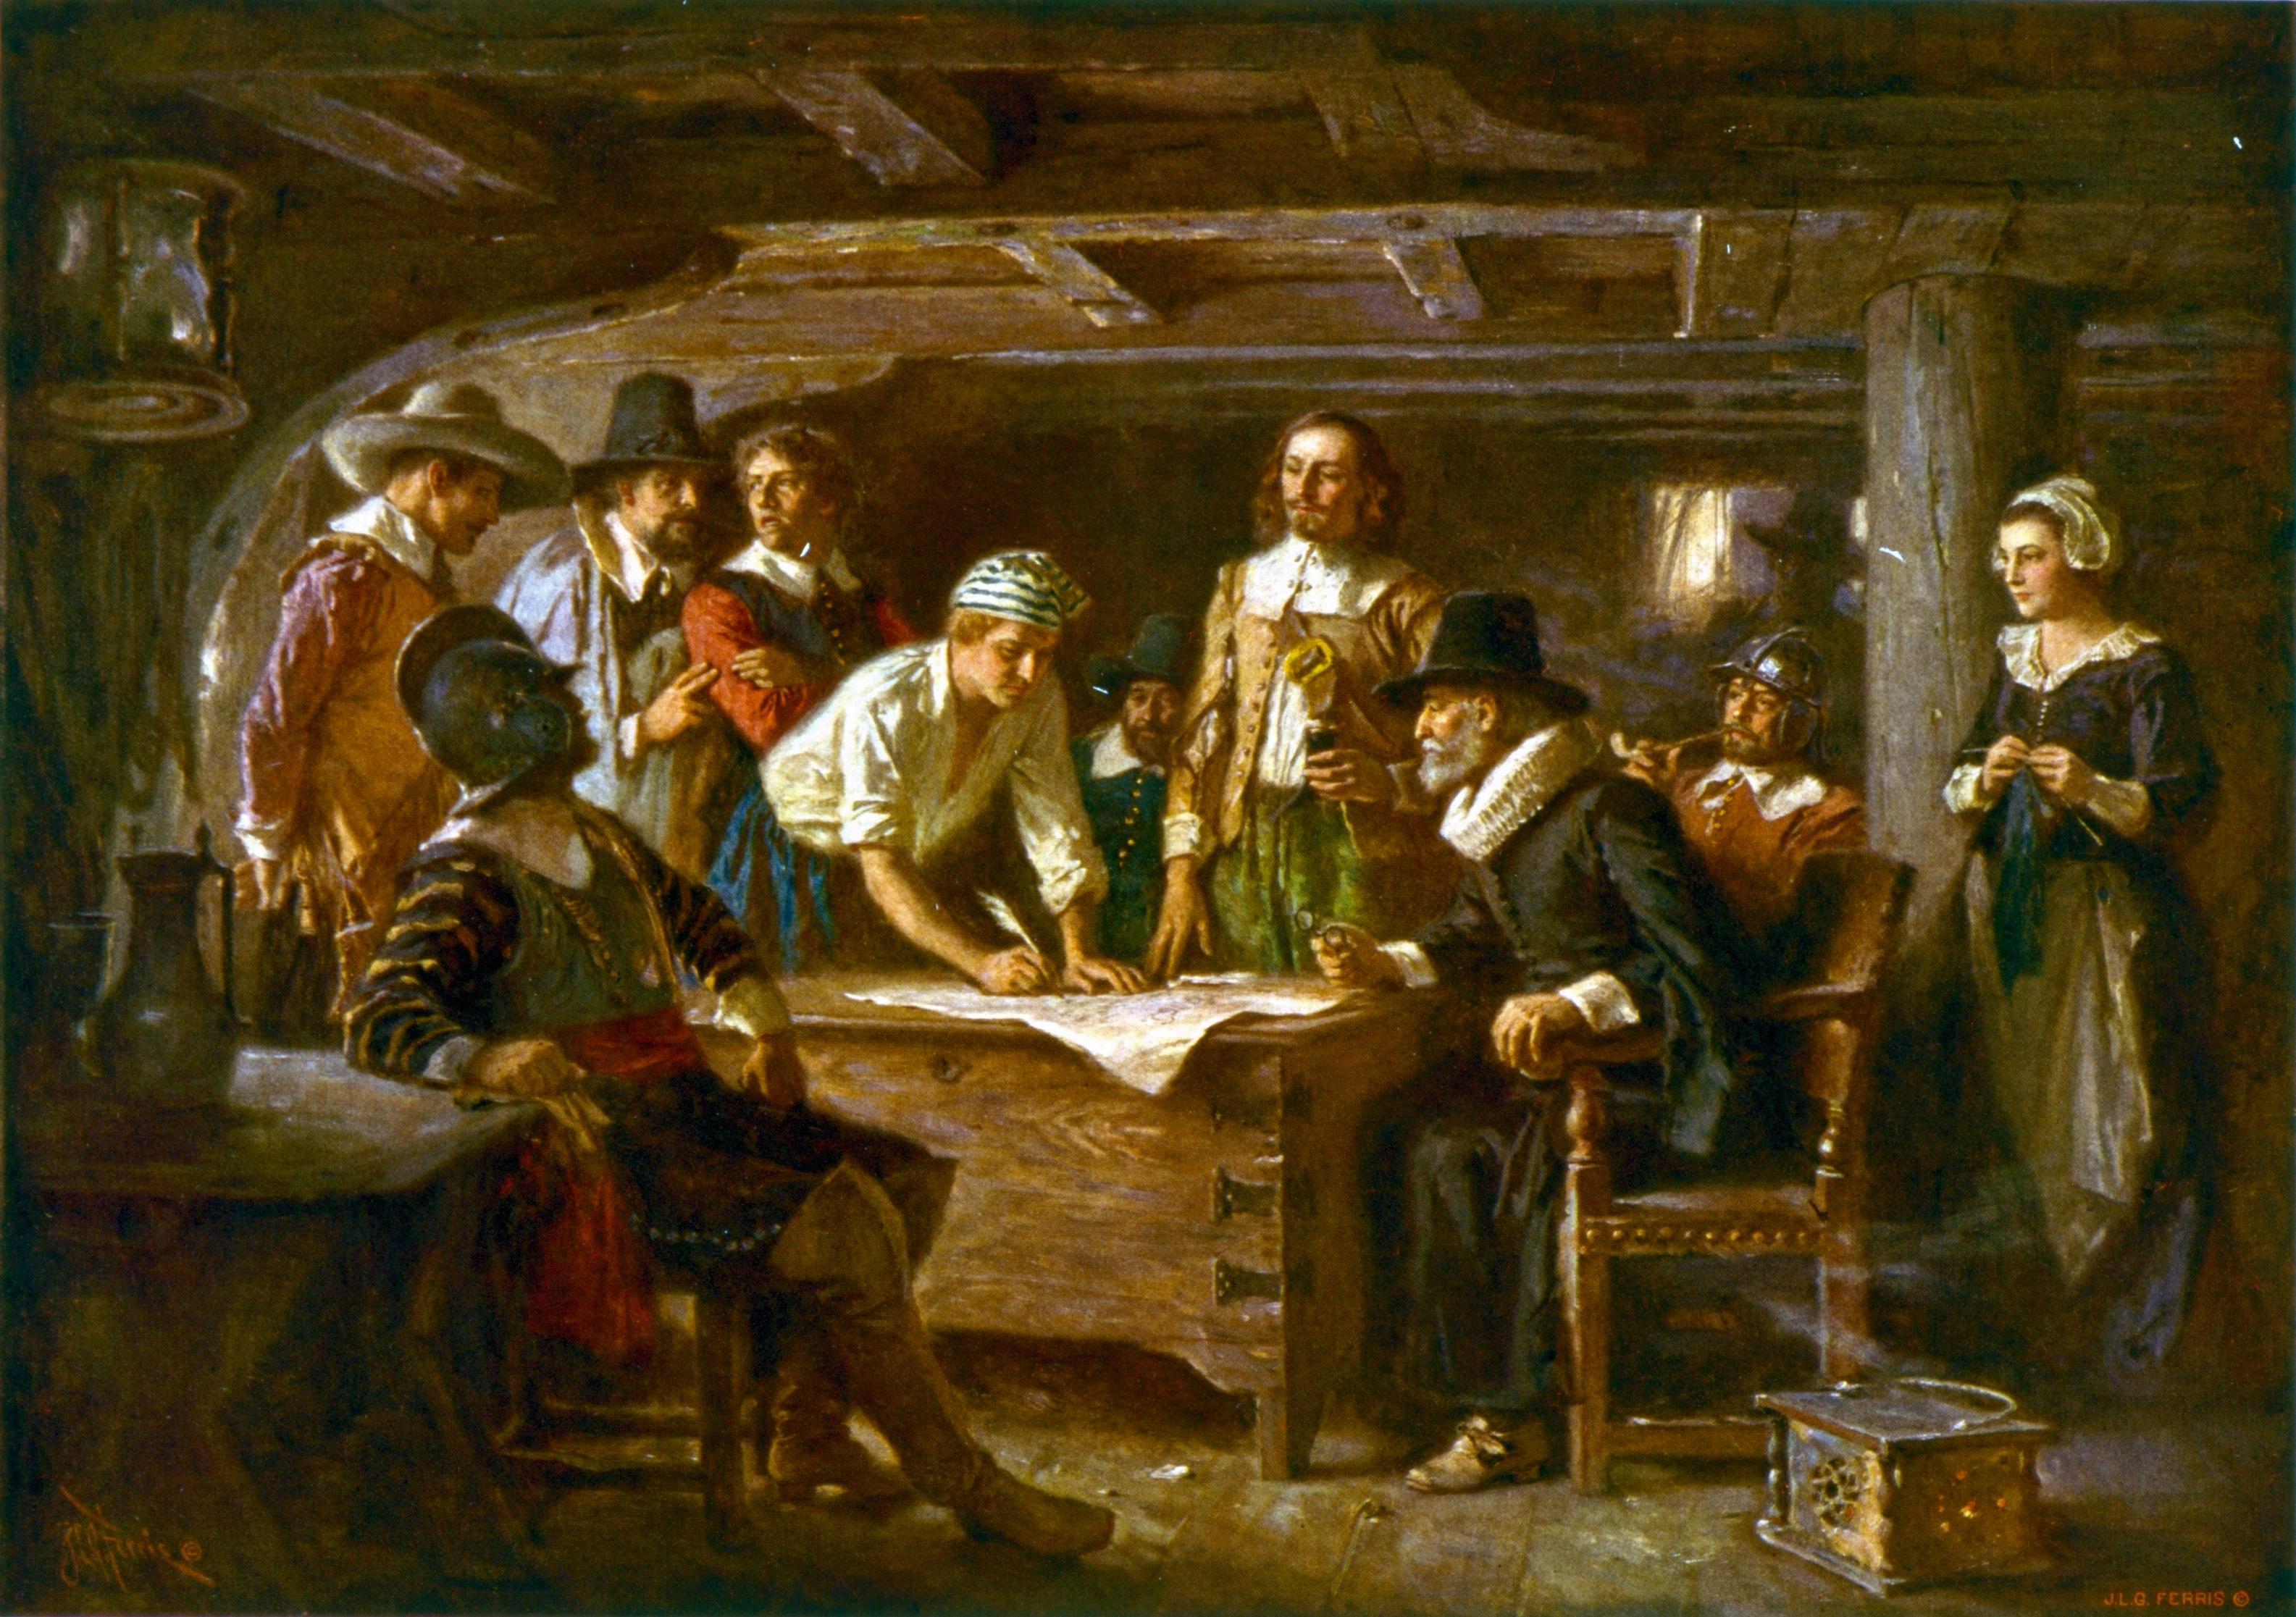 hesigningoftheayflowerompact,1620.